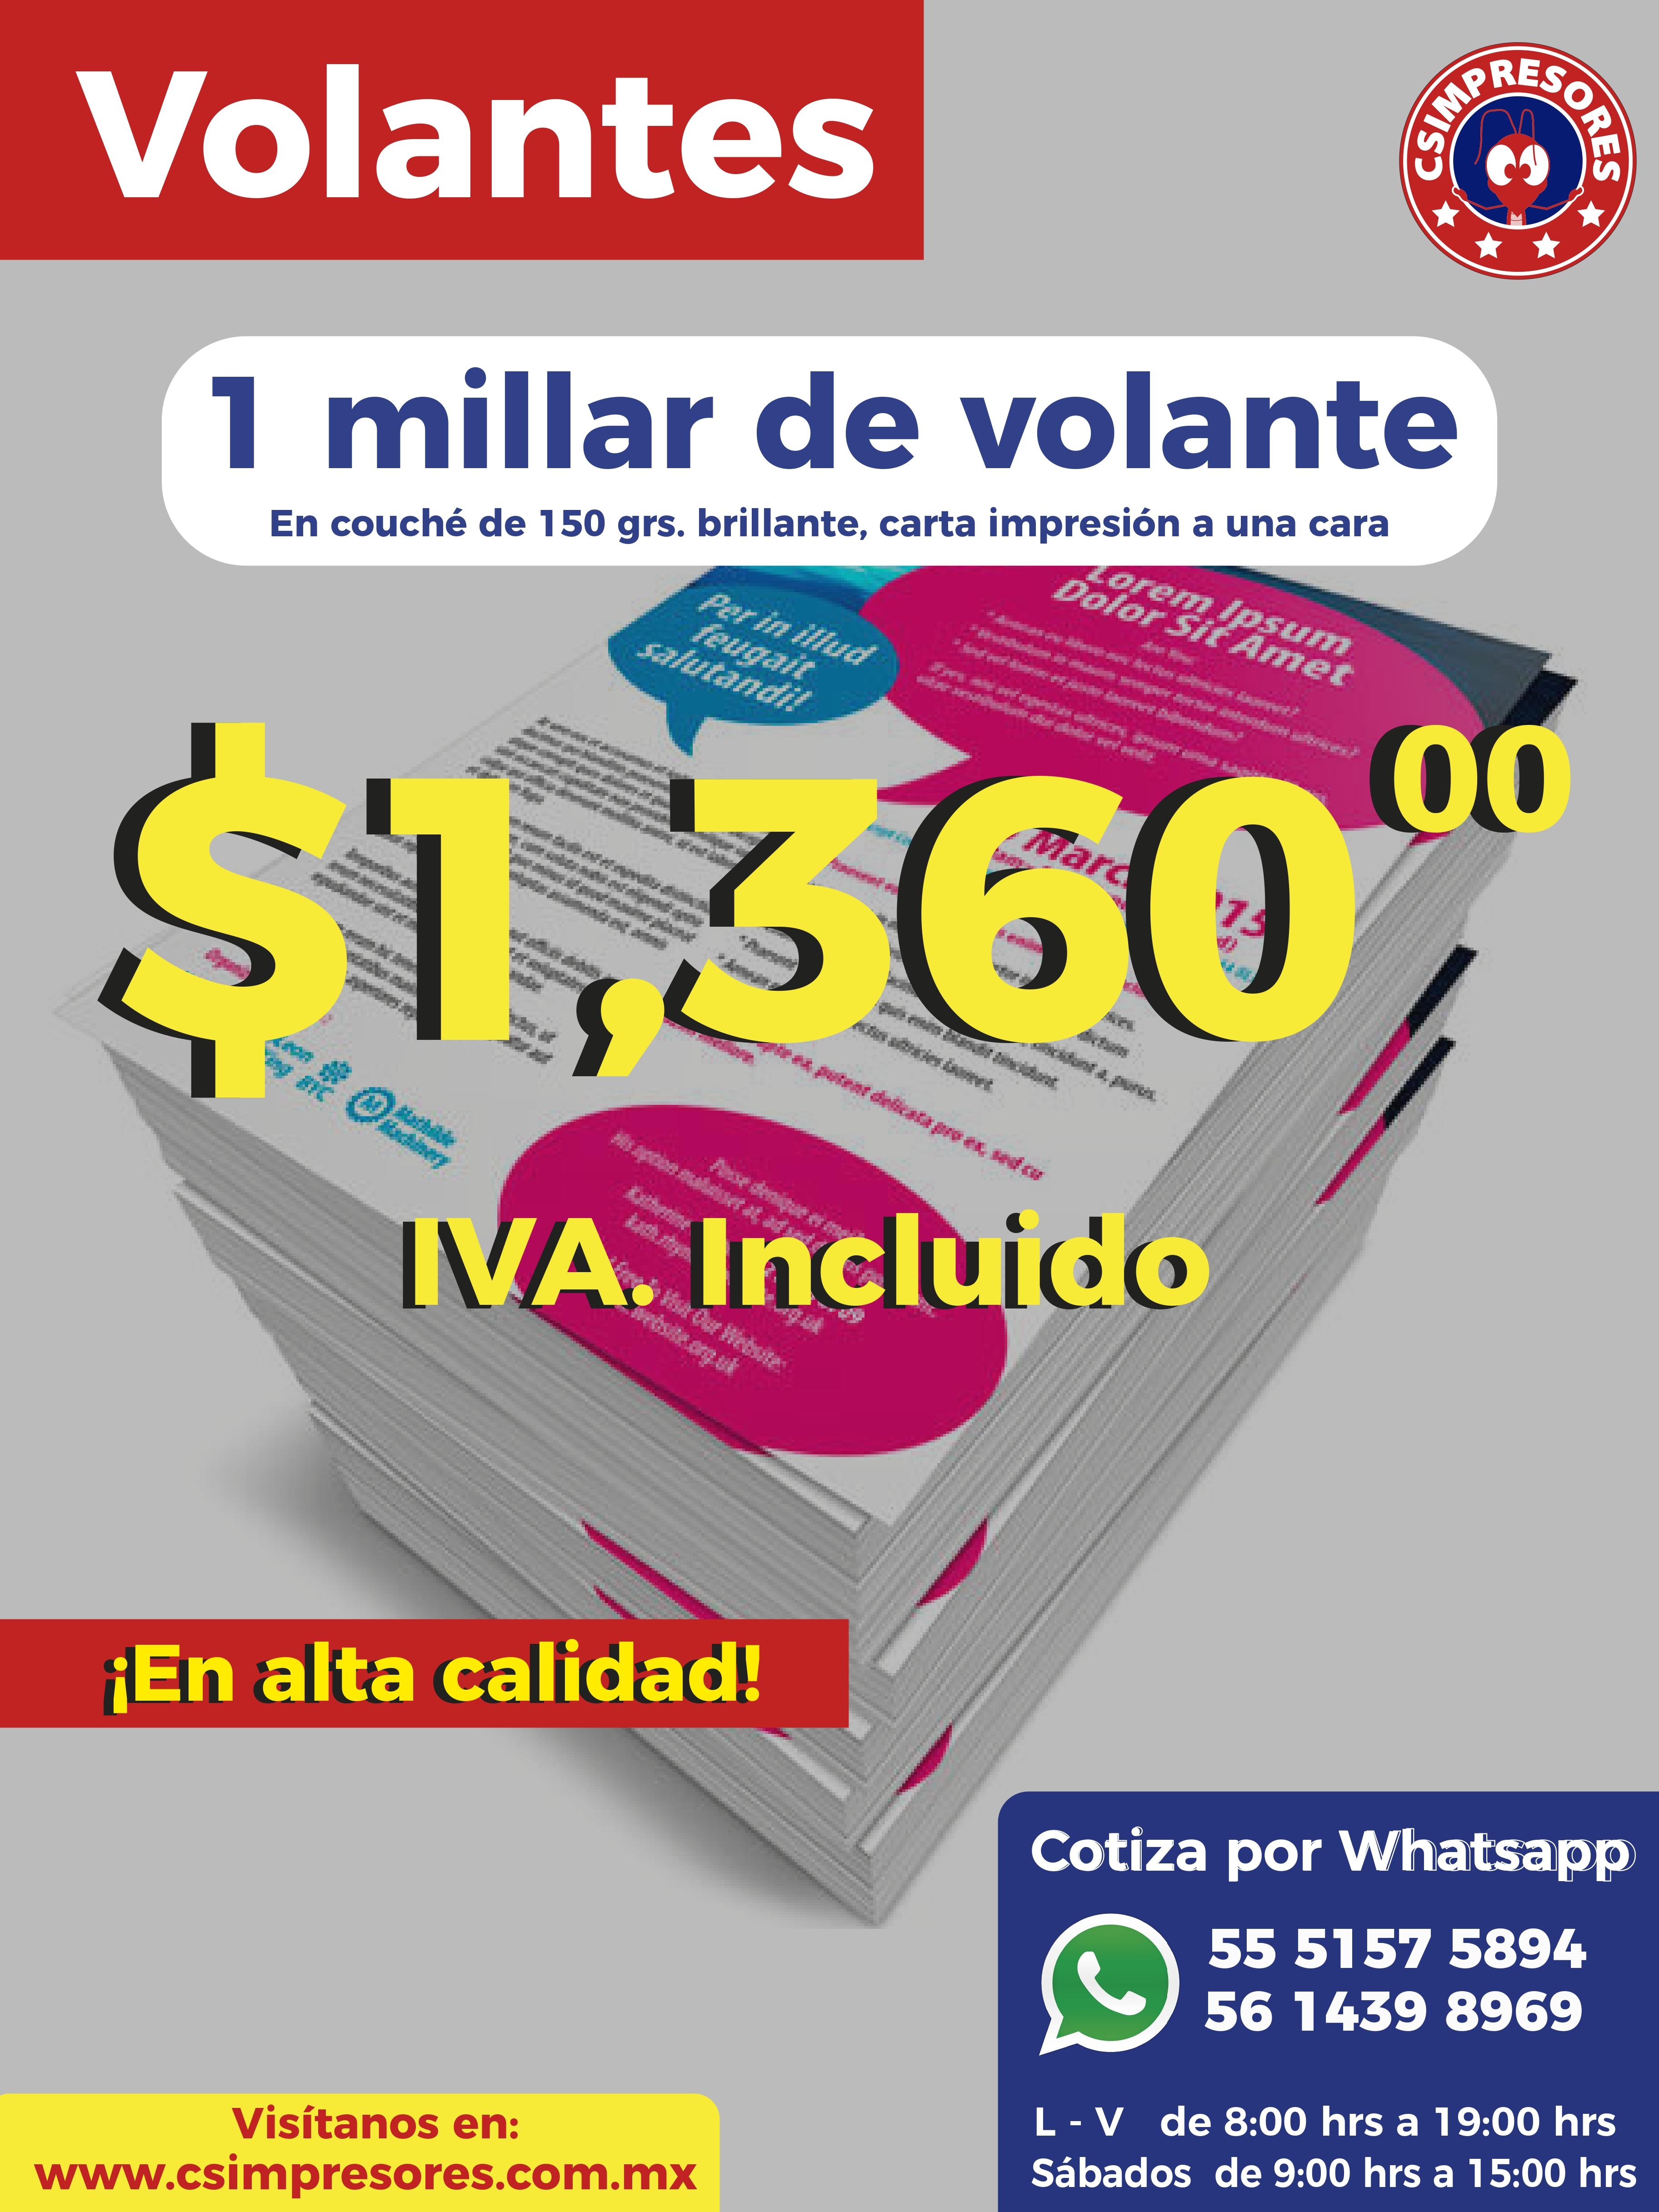 https://0201.nccdn.net/1_2/000/000/0d5/499/contenido-13-facebook-volantes-carta-4x0_page-0001.jpg